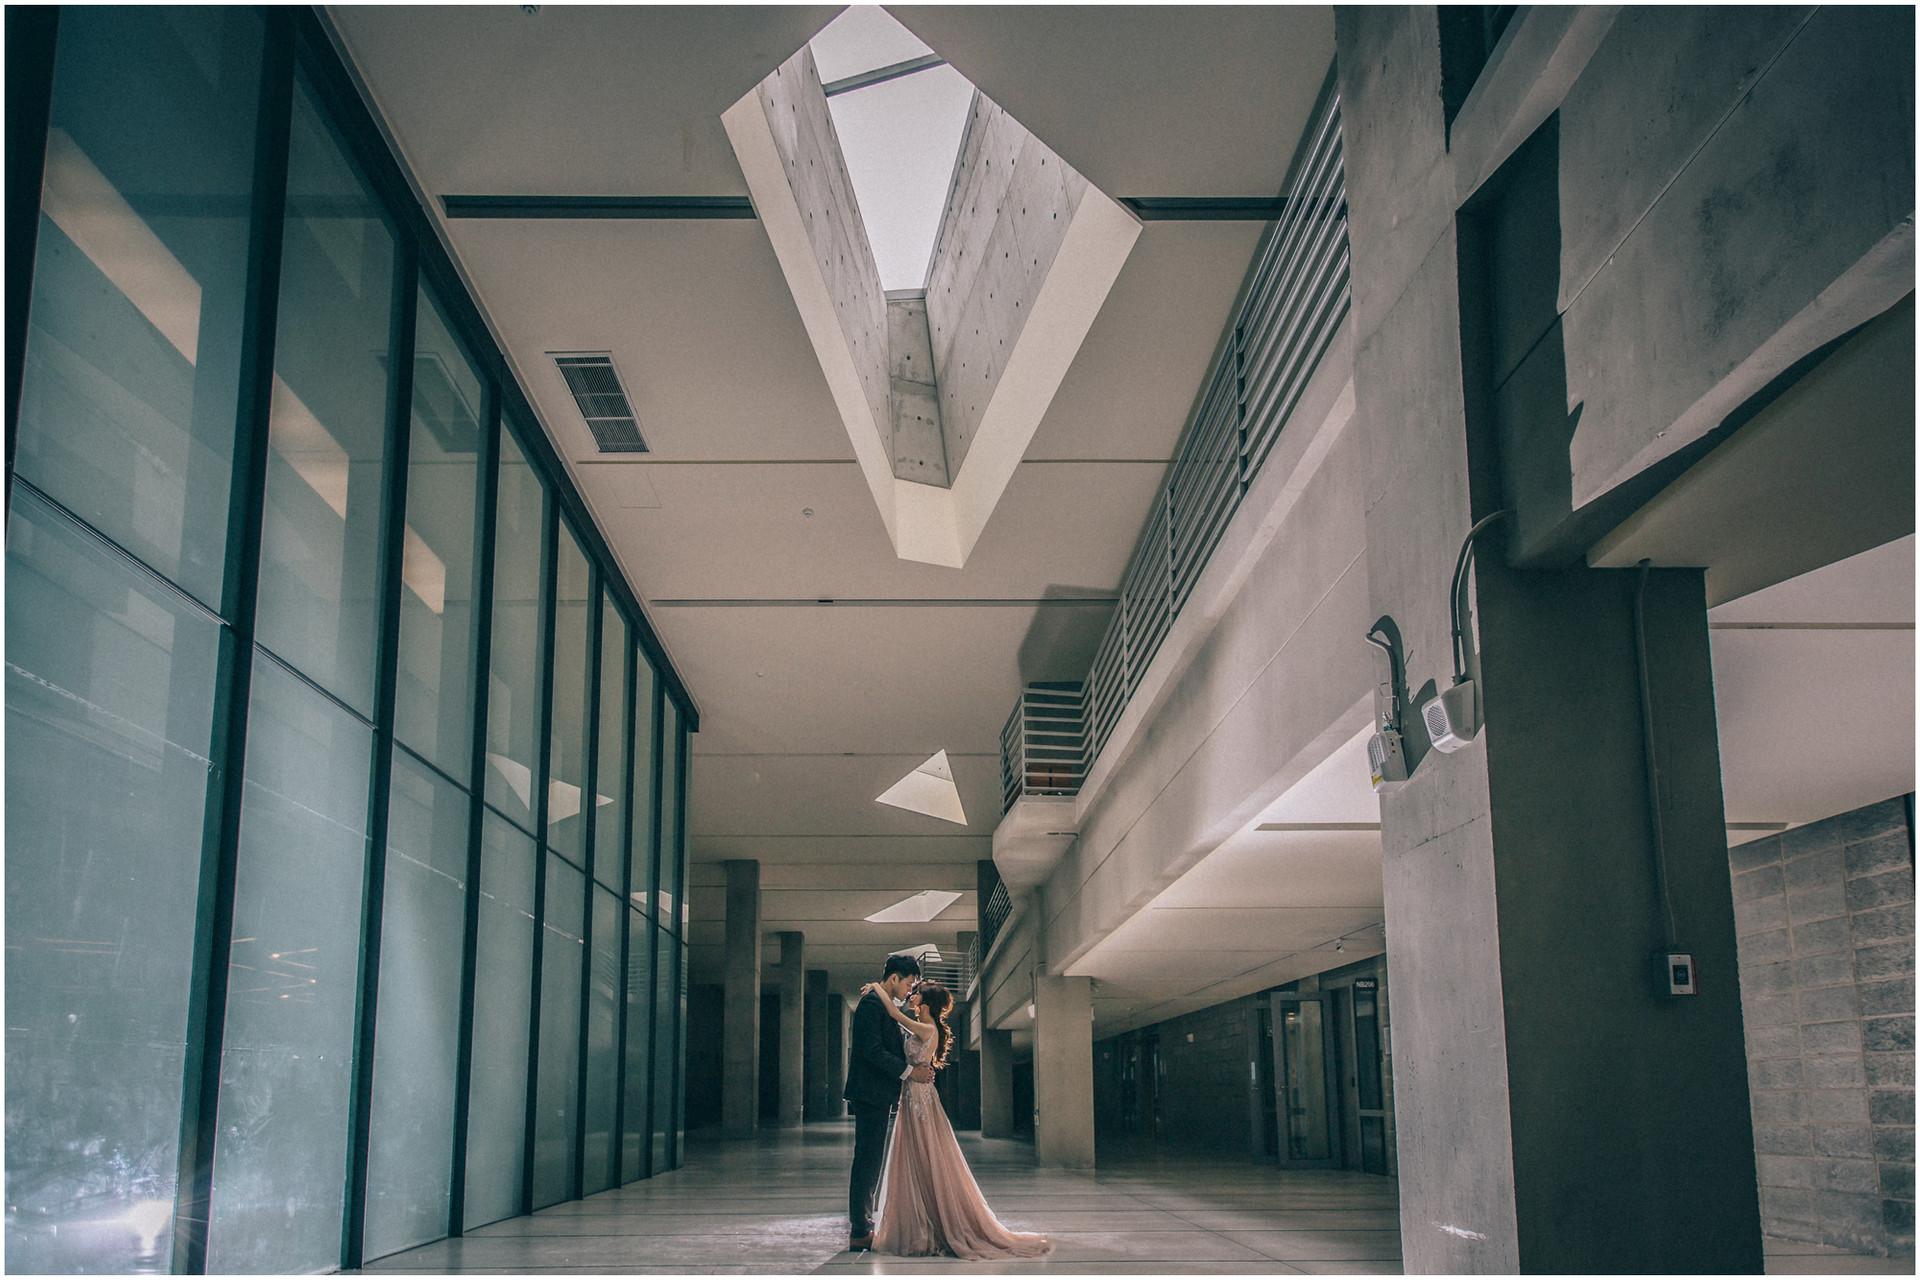 沙崙海邊 / 籃球場 / 集食行樂 / 市集婚紗 / 實踐大學 / 校園婚紗